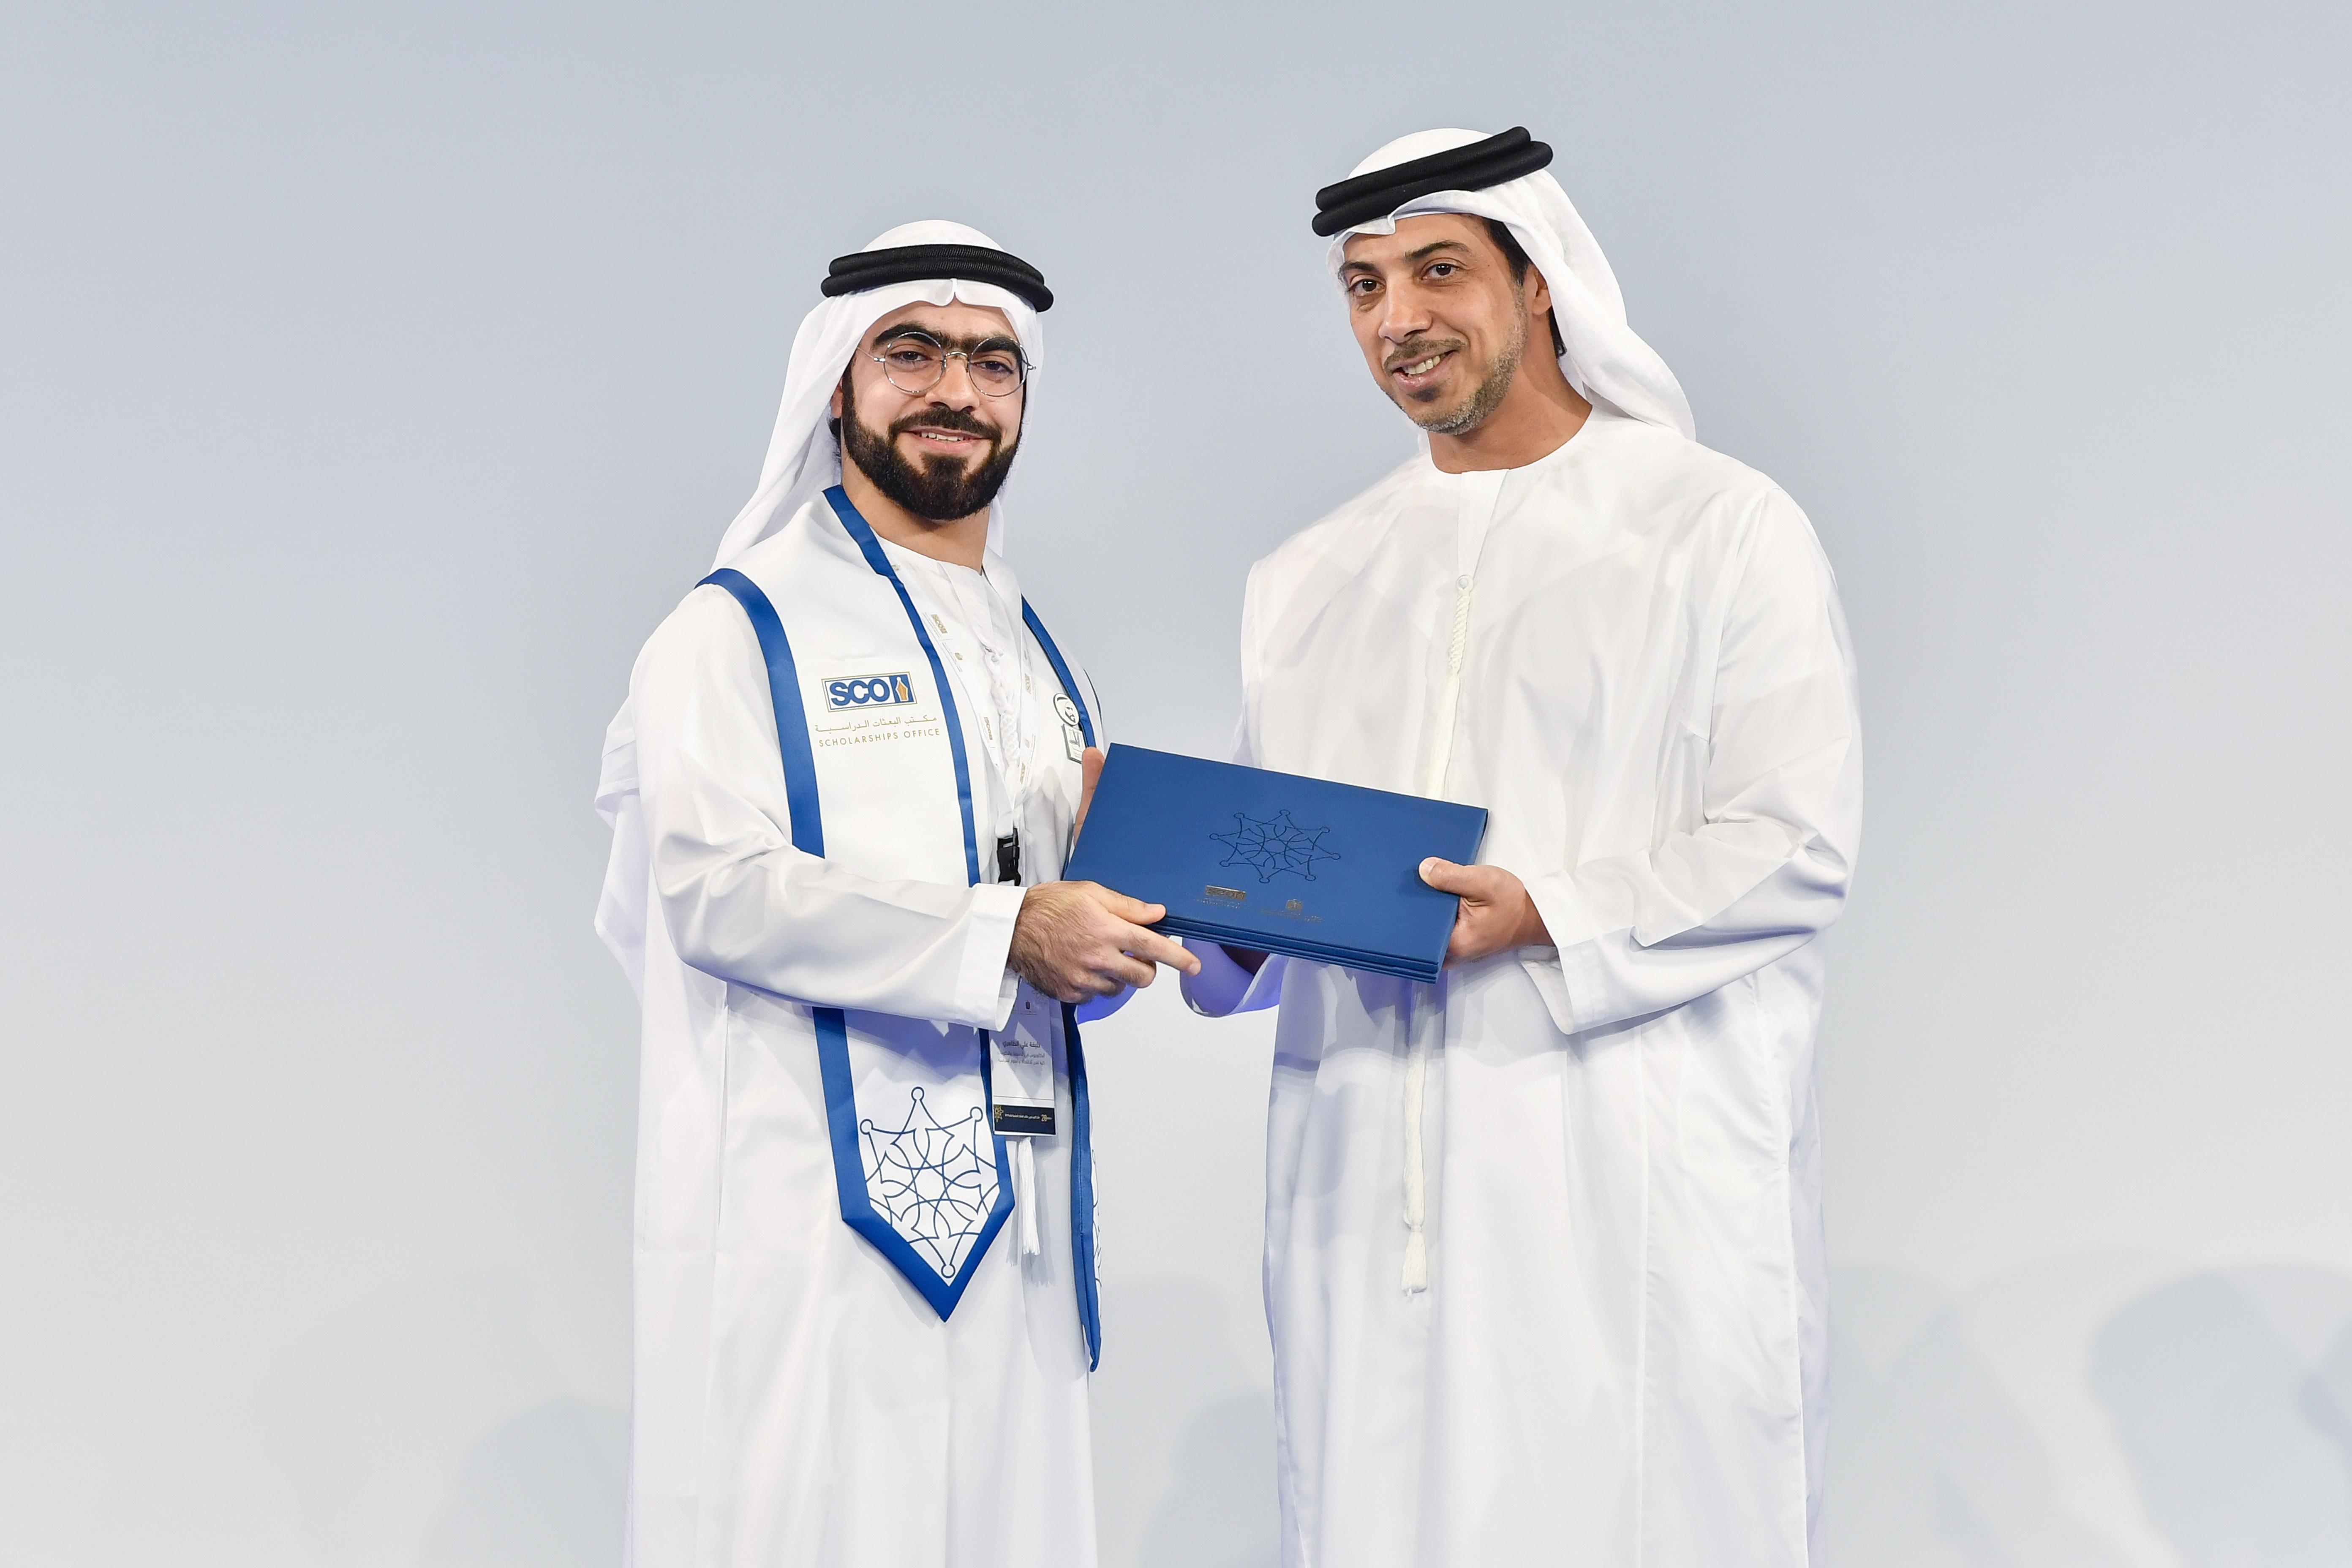 منصور بن زايد يشهد تخريج 90 طالبًا وطالبة من خريجي مكتب البعثات الدراسية